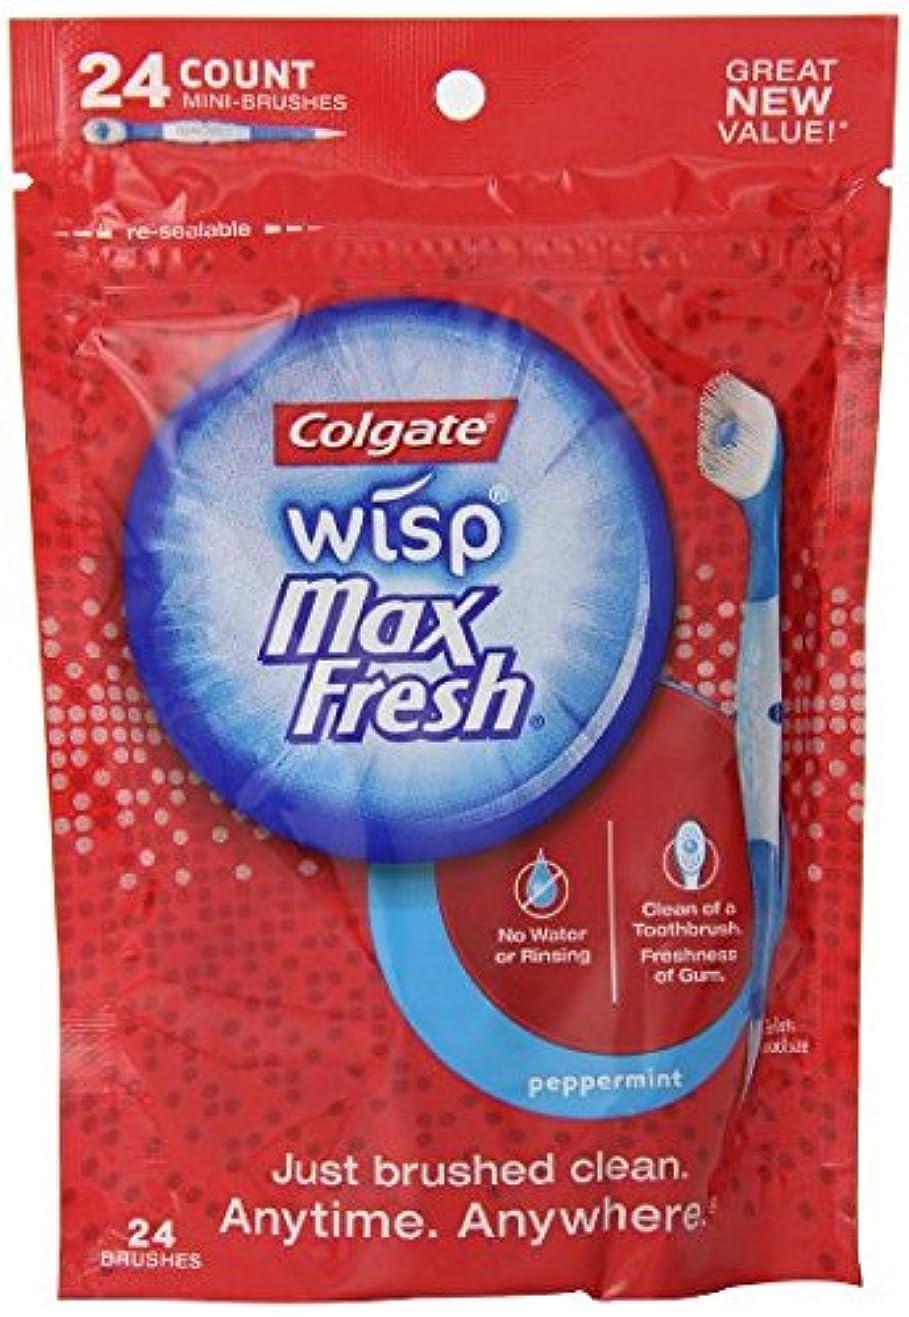 五月投獄プロットコルゲート社 水のいらない使い捨て歯ブラシ ウィスプ ペパーミント味 24本海外直送品 [並行輸入品]